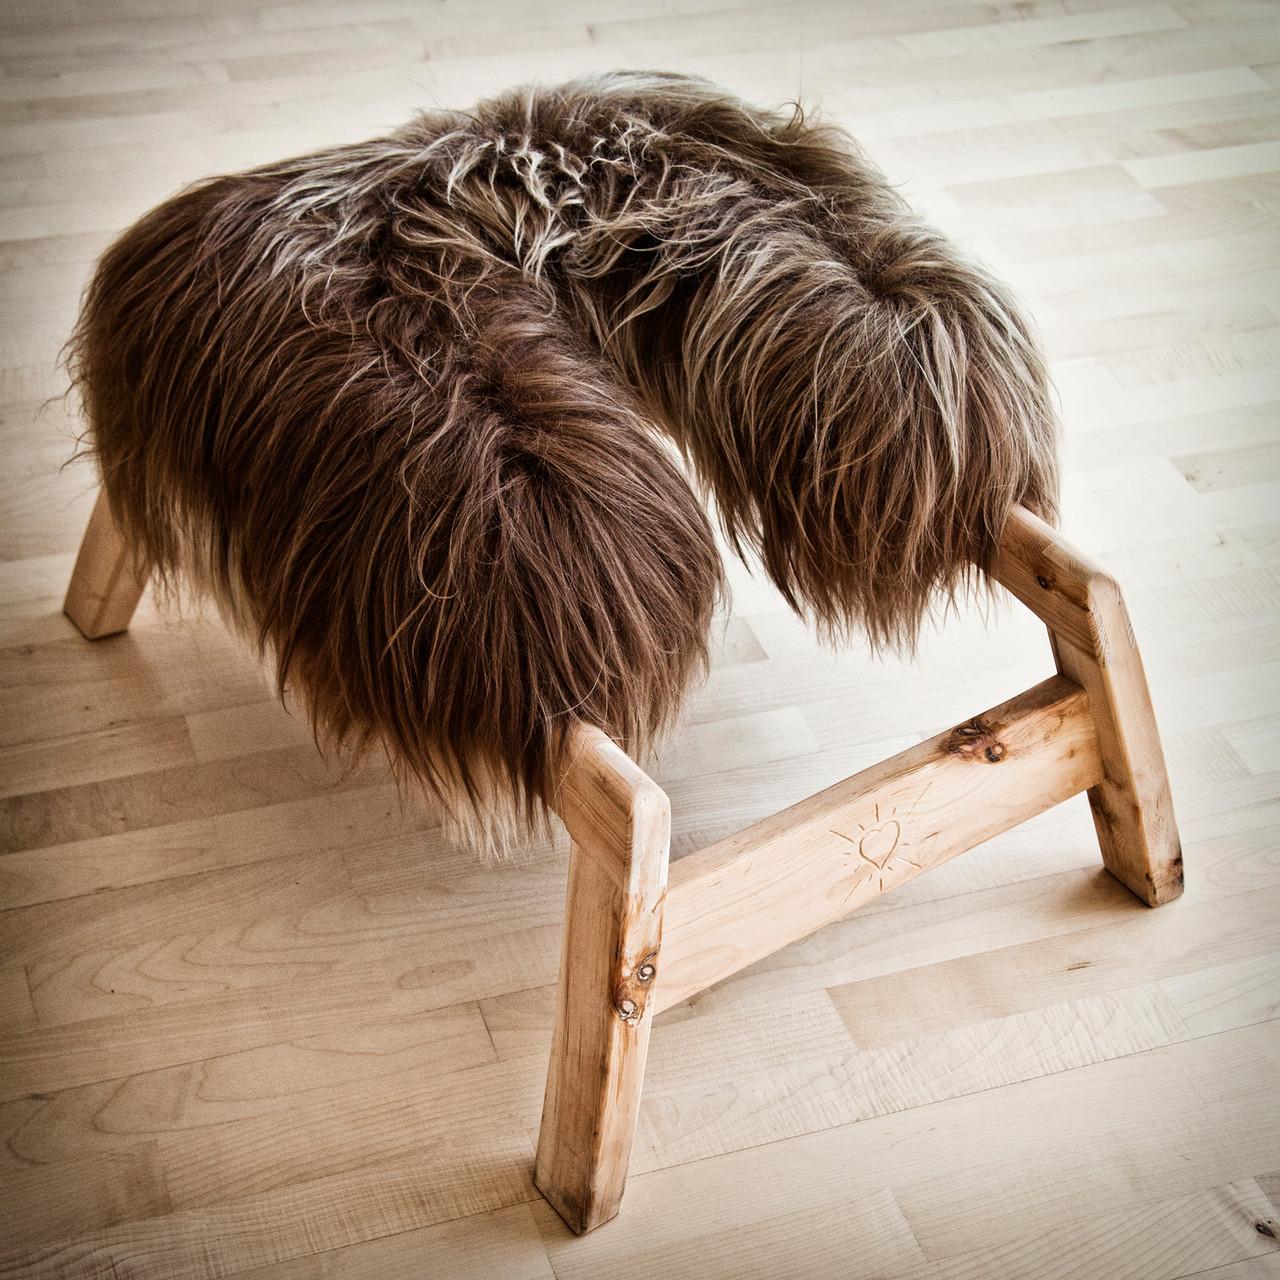 Die frau schnuck, aus markantem, duftendem zirbenholz gefertigt, bedeckt mit einem weichen, wohltuendem heideschaf (heidschnuck)